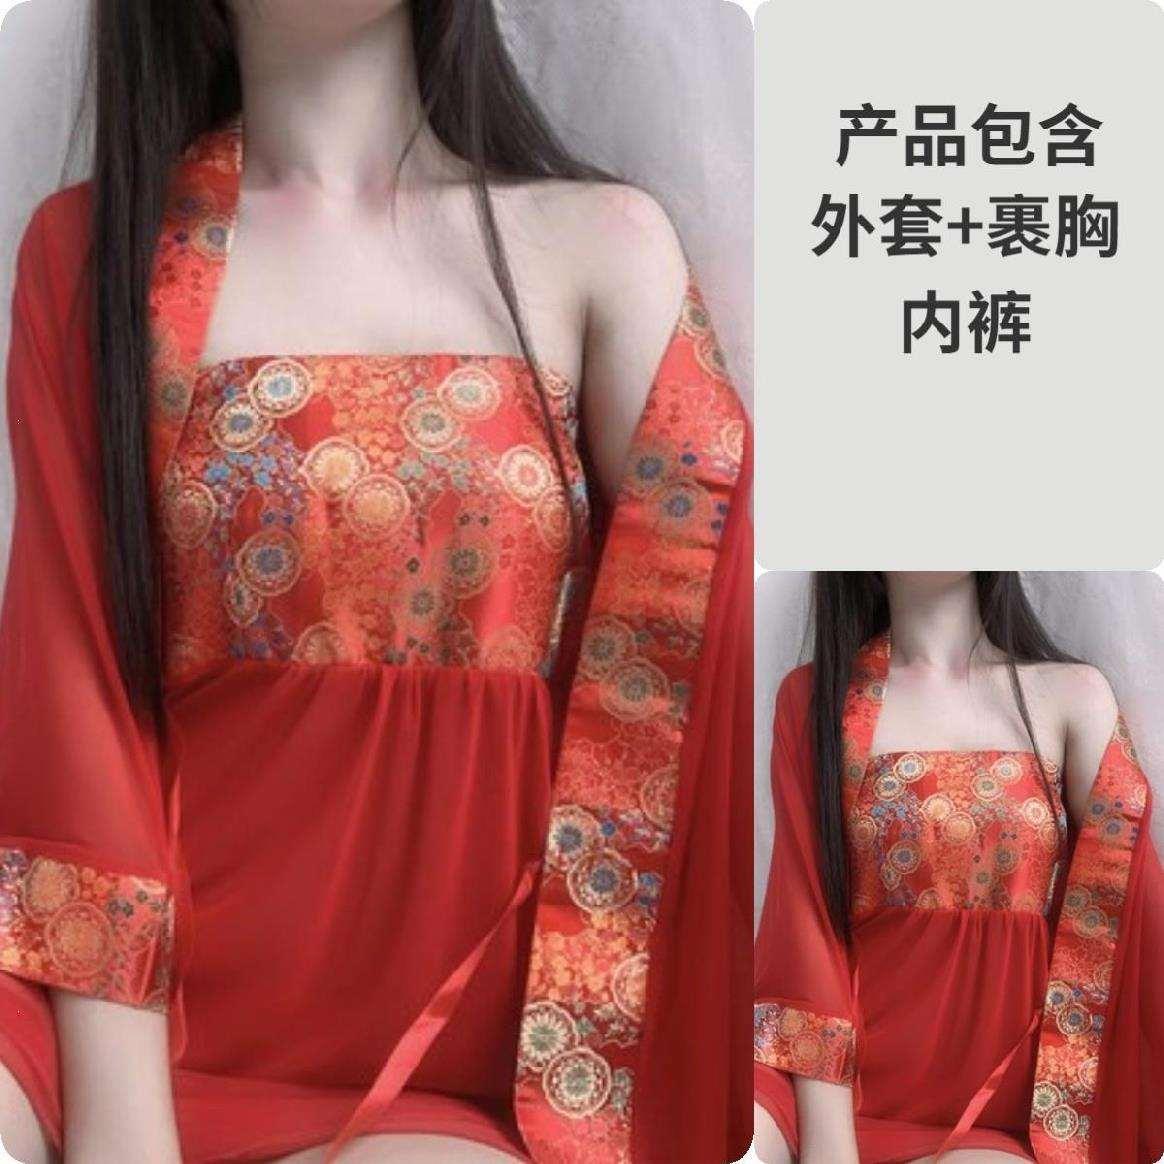 女性女内衣情趣内搭肚兜花边w中式睡衣汉服性感古风连身夜色喜庆